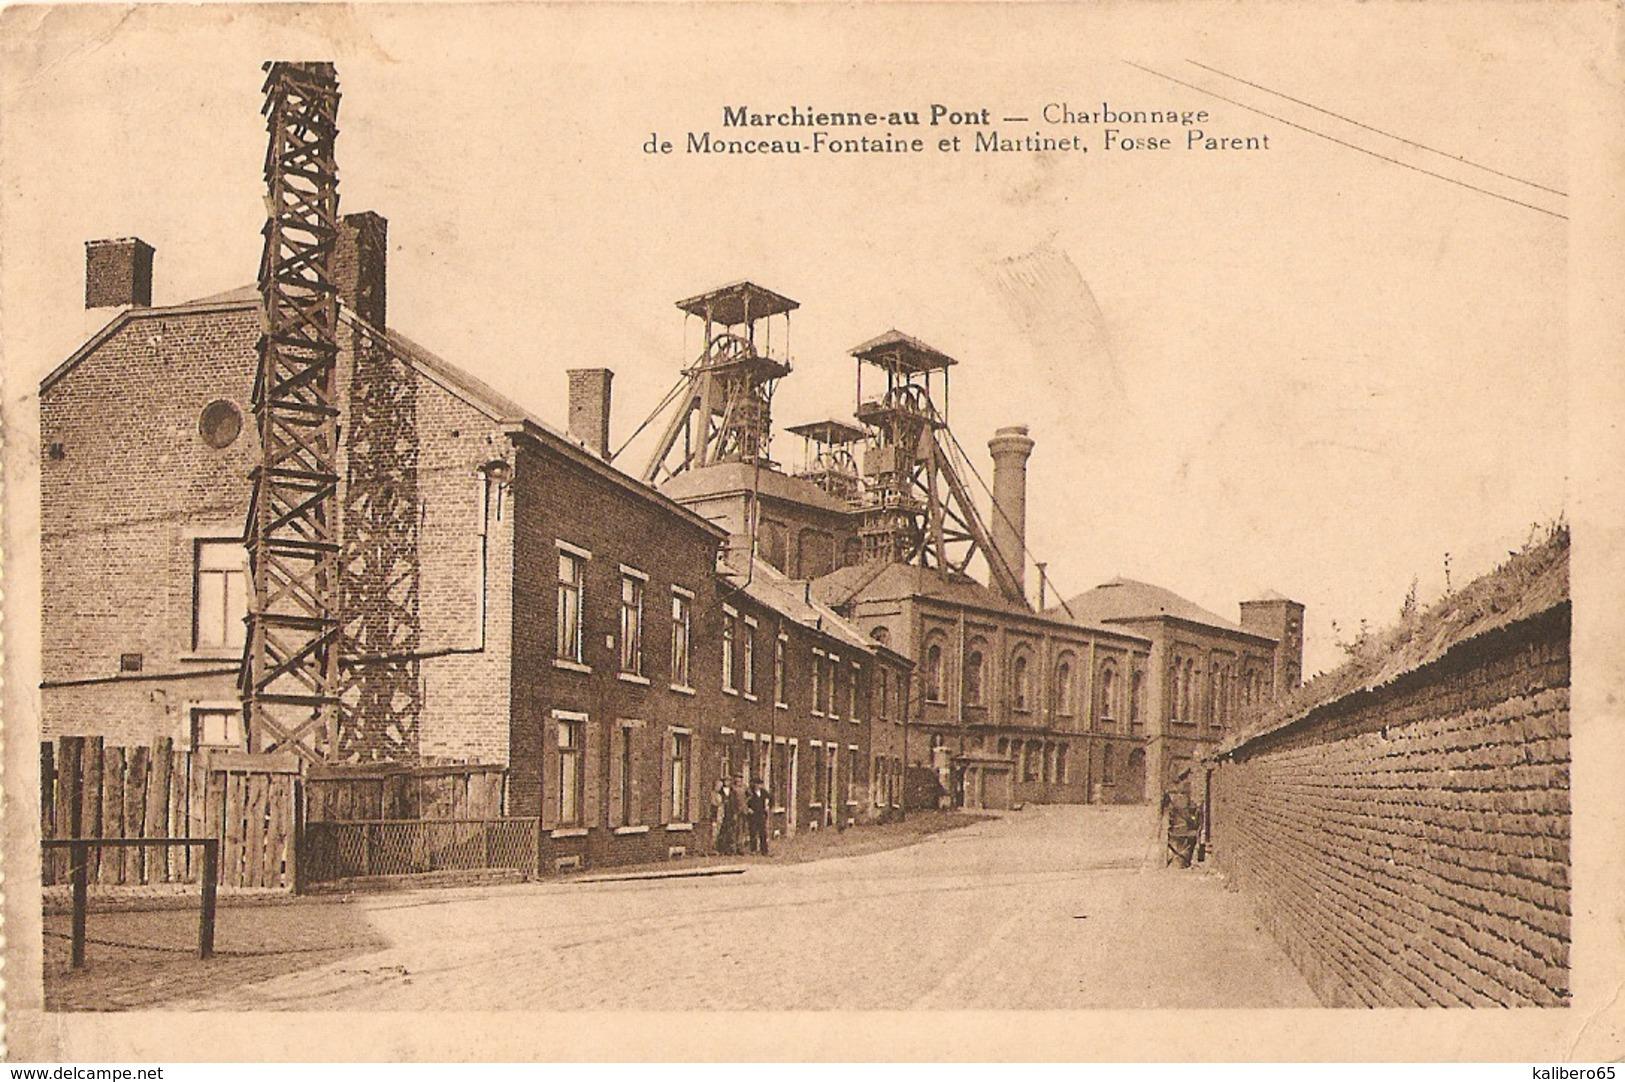 Marchienne-au-Pont Charbonnage De Monceau-Fontaine Et Martinet Fosse Parent - Belgique